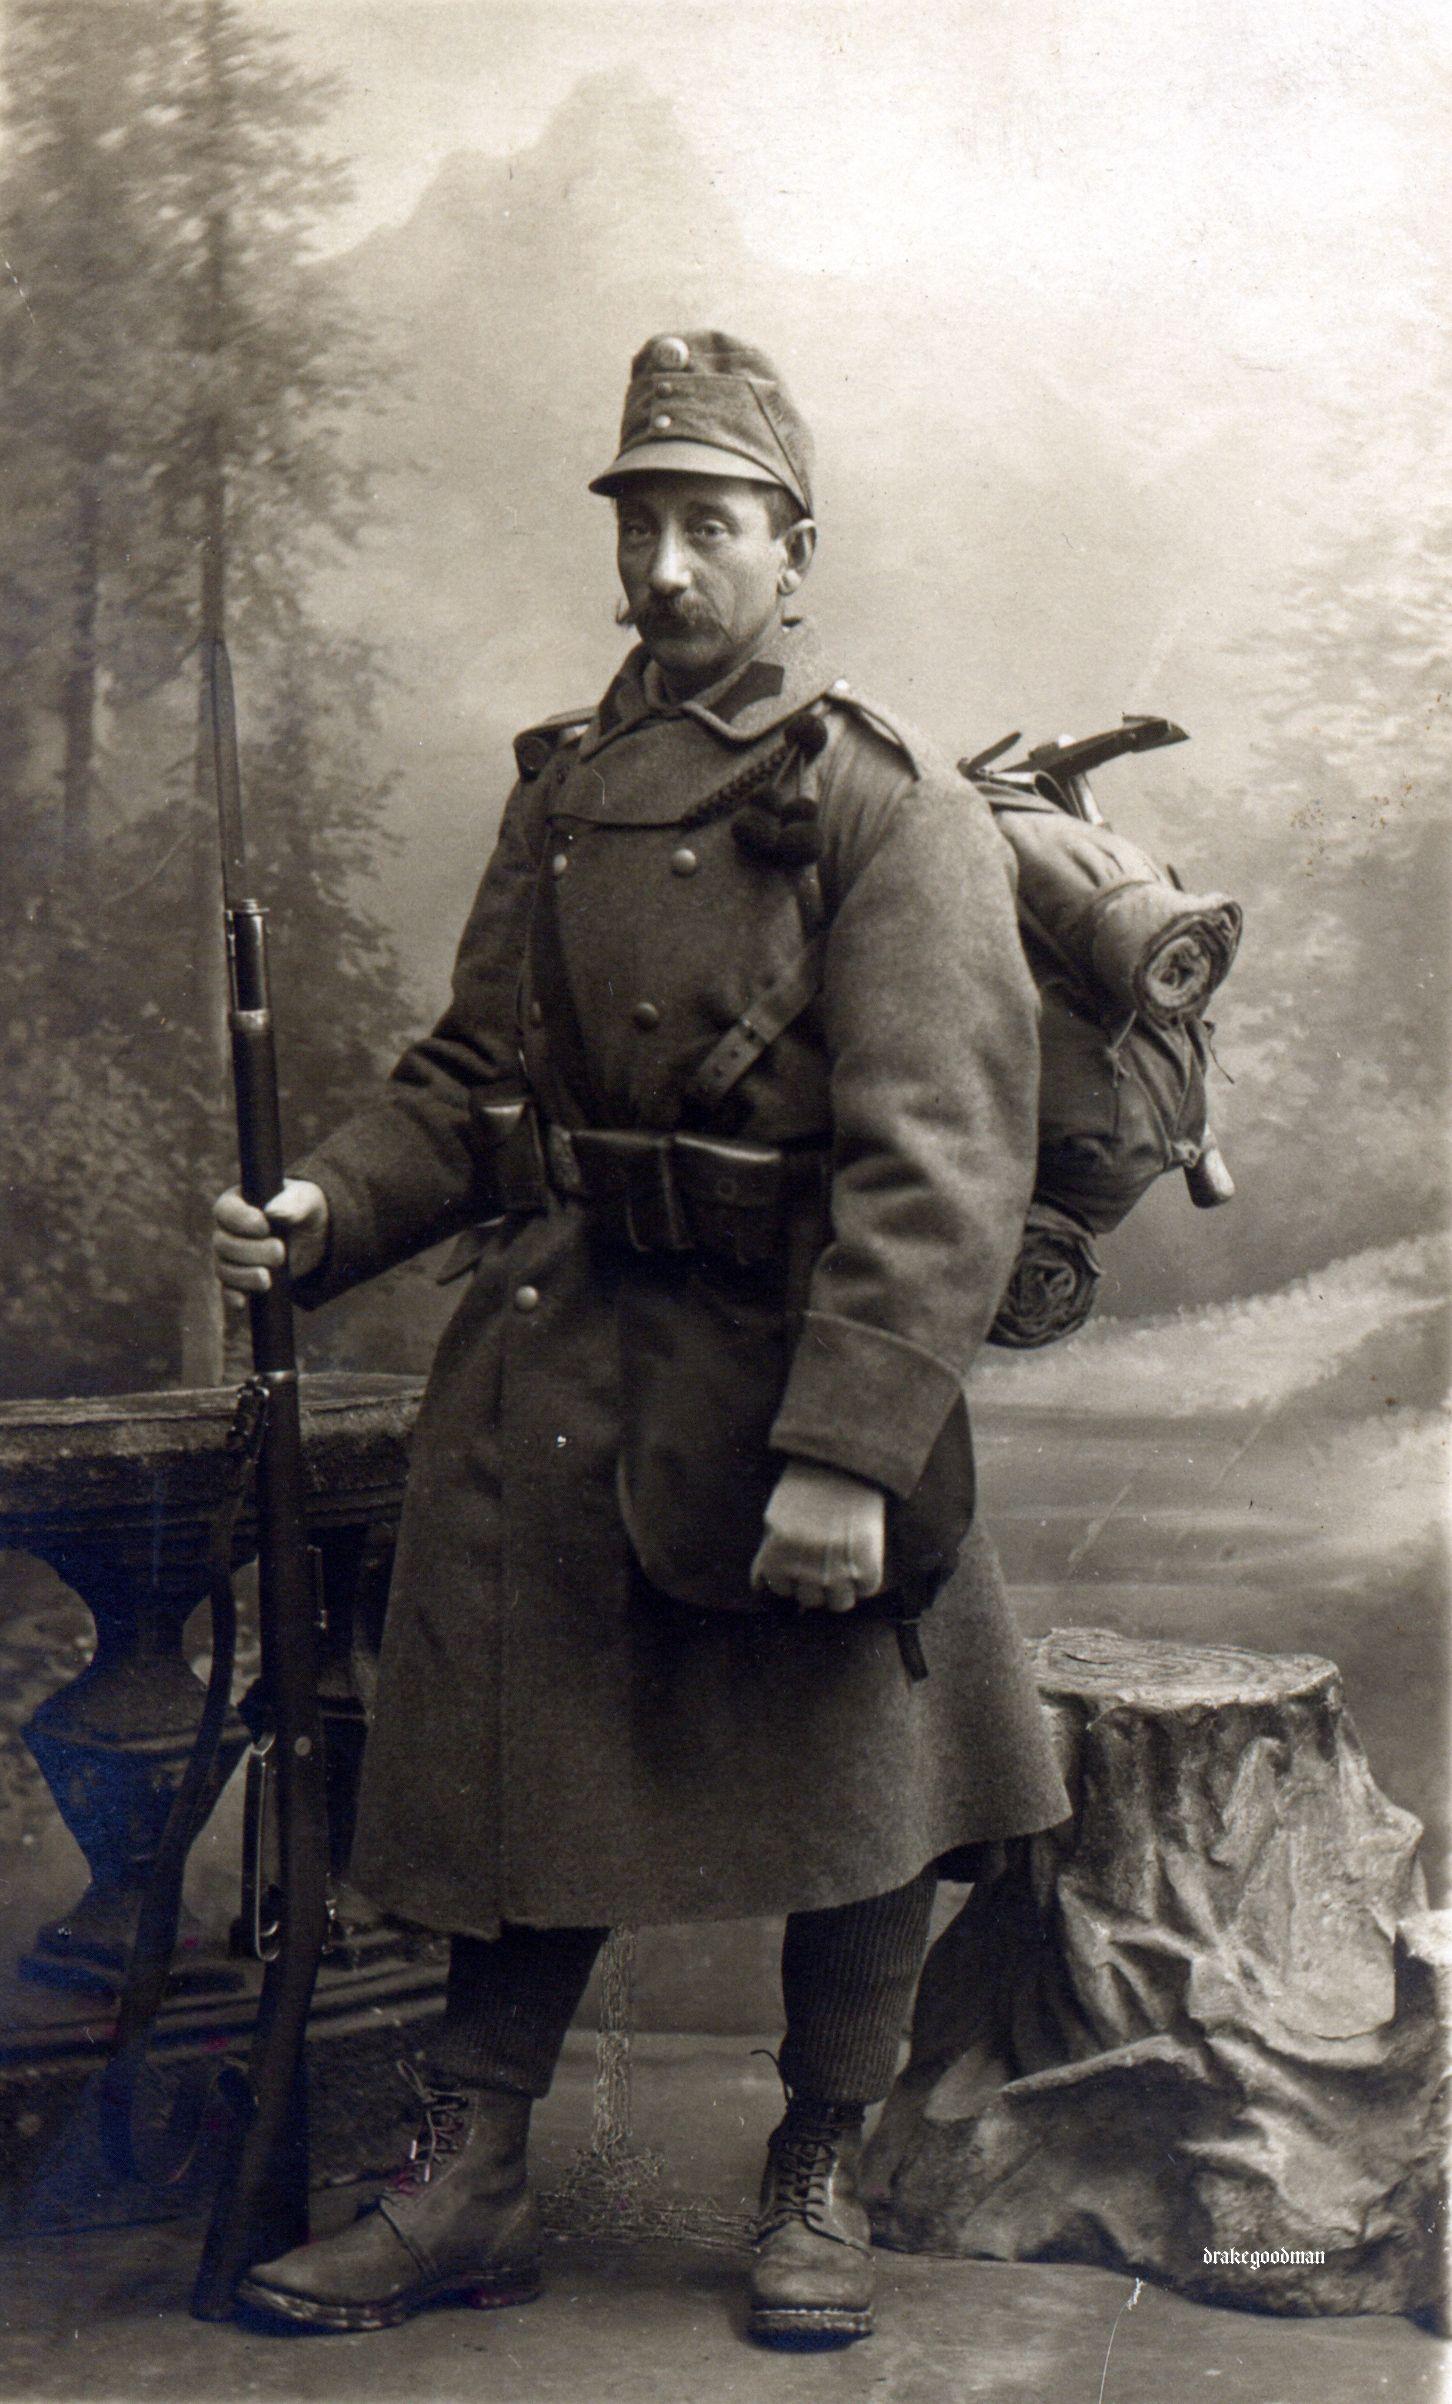 All sizes | kuk infantryman Gew 88 (M1913) fitted with a rare Werndl Ersatz-Seitengewehr | Flickr - Photo Sharing!